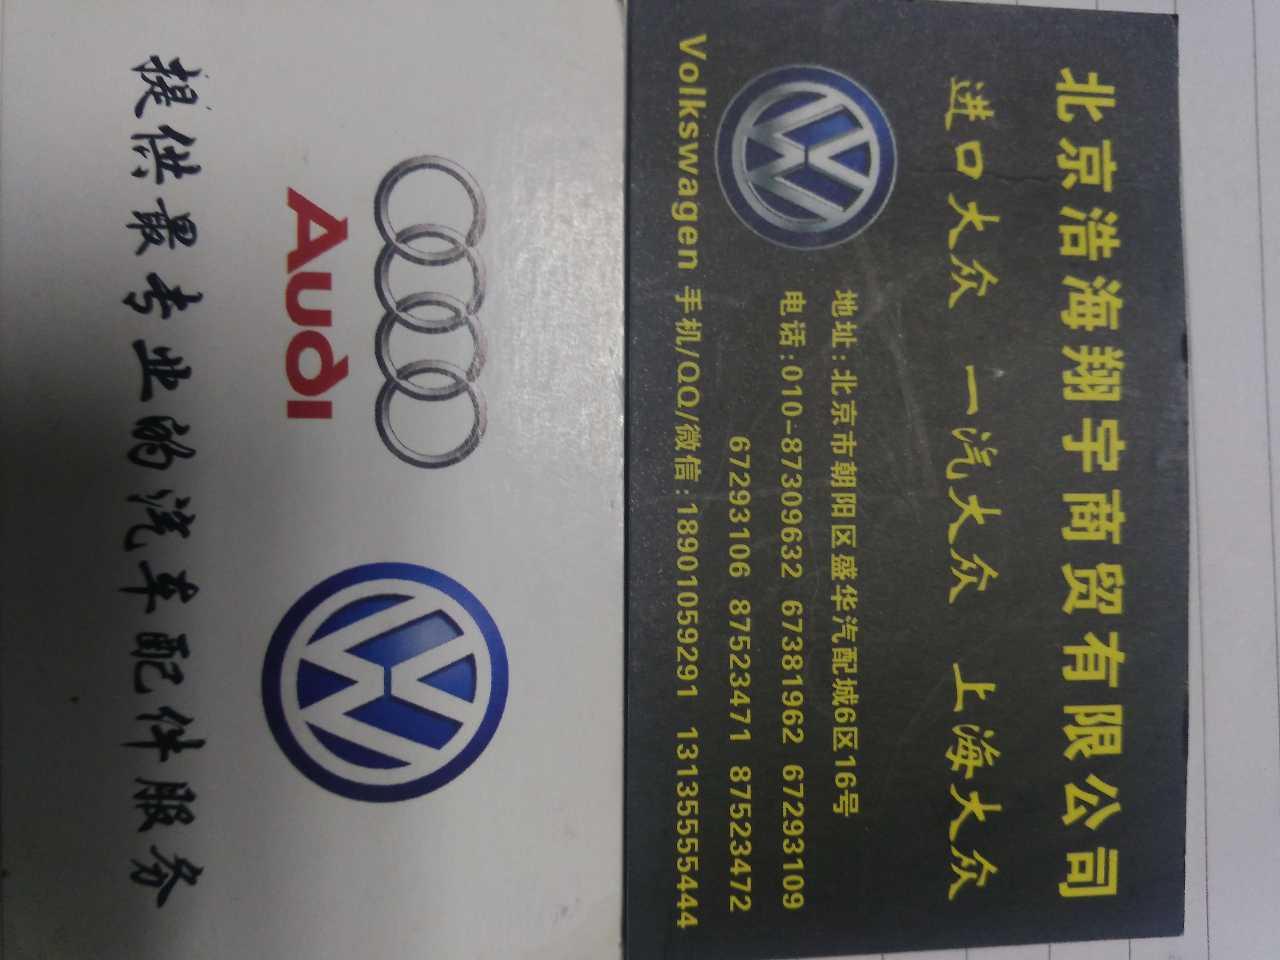 来自吴祖高发布的公司动态信息:... - 北京浩海翔宇商贸有限公司